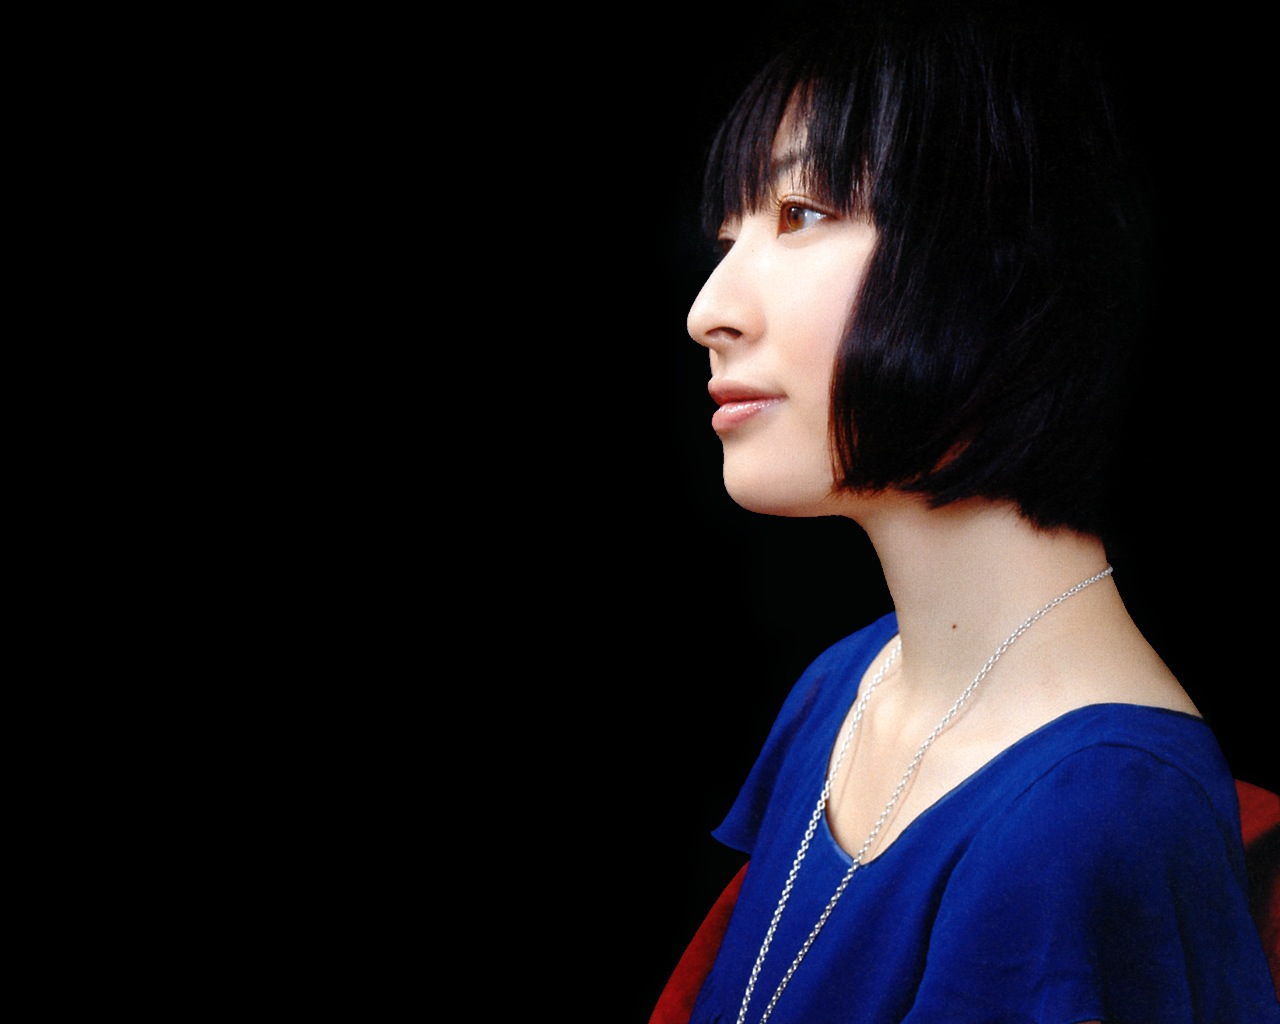 坂本真綾が9月26日の「こむちゃっとカウントダウン」にゲストで登場